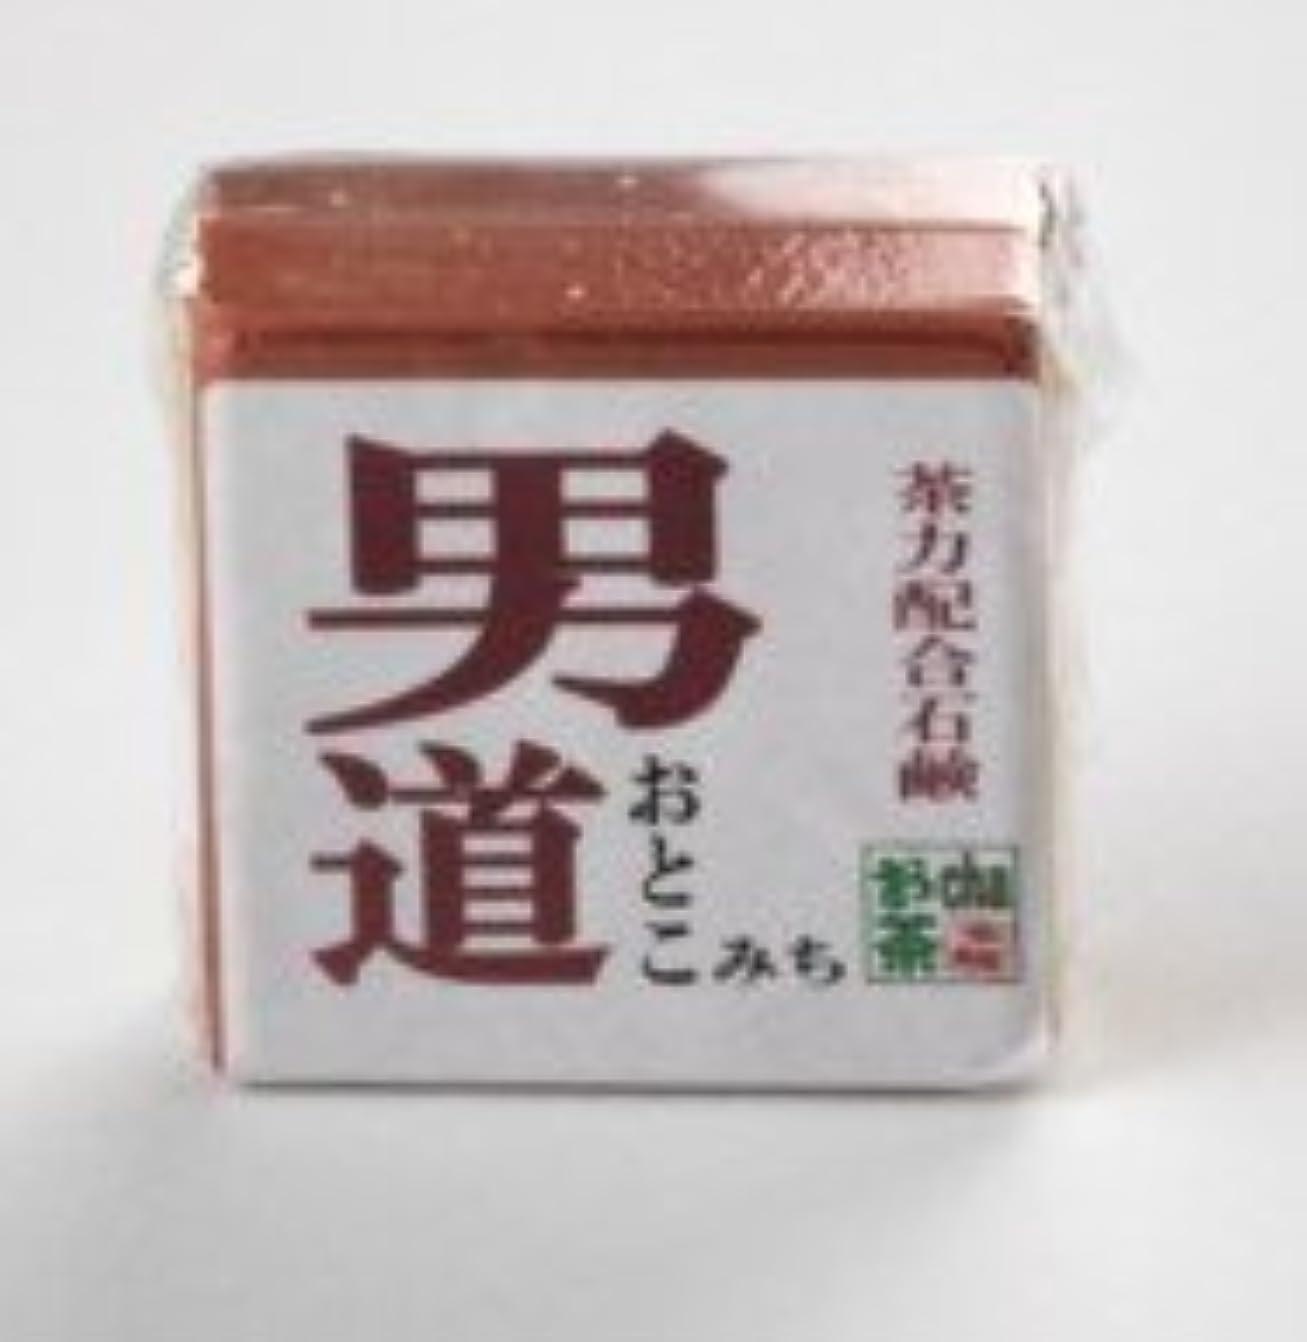 寄付する農学から聞く男性用無添加石鹸 『 男 道 』(おとこみち) 115g固形タイプ 抗菌力99.9%の日本初の無添加石鹸